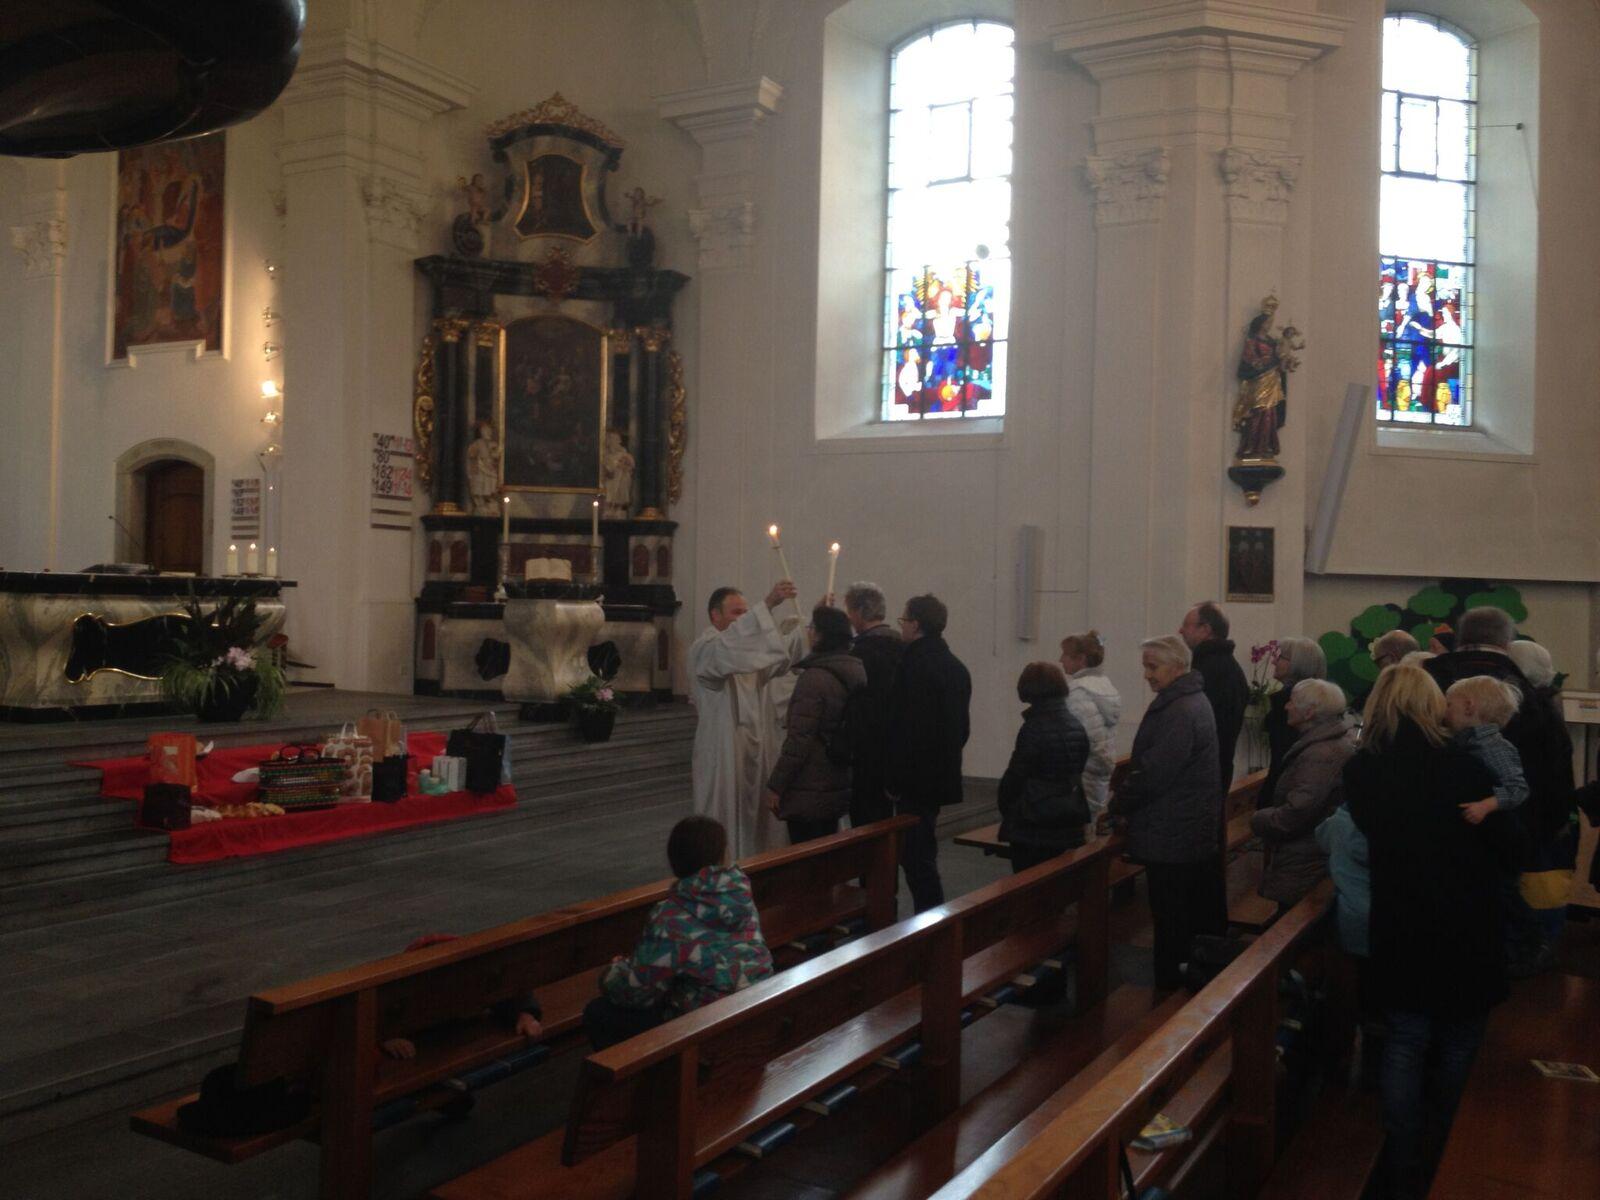 Beim Blasiussegen werden zwei gekreuzte Kerzen zum Hals geführt.